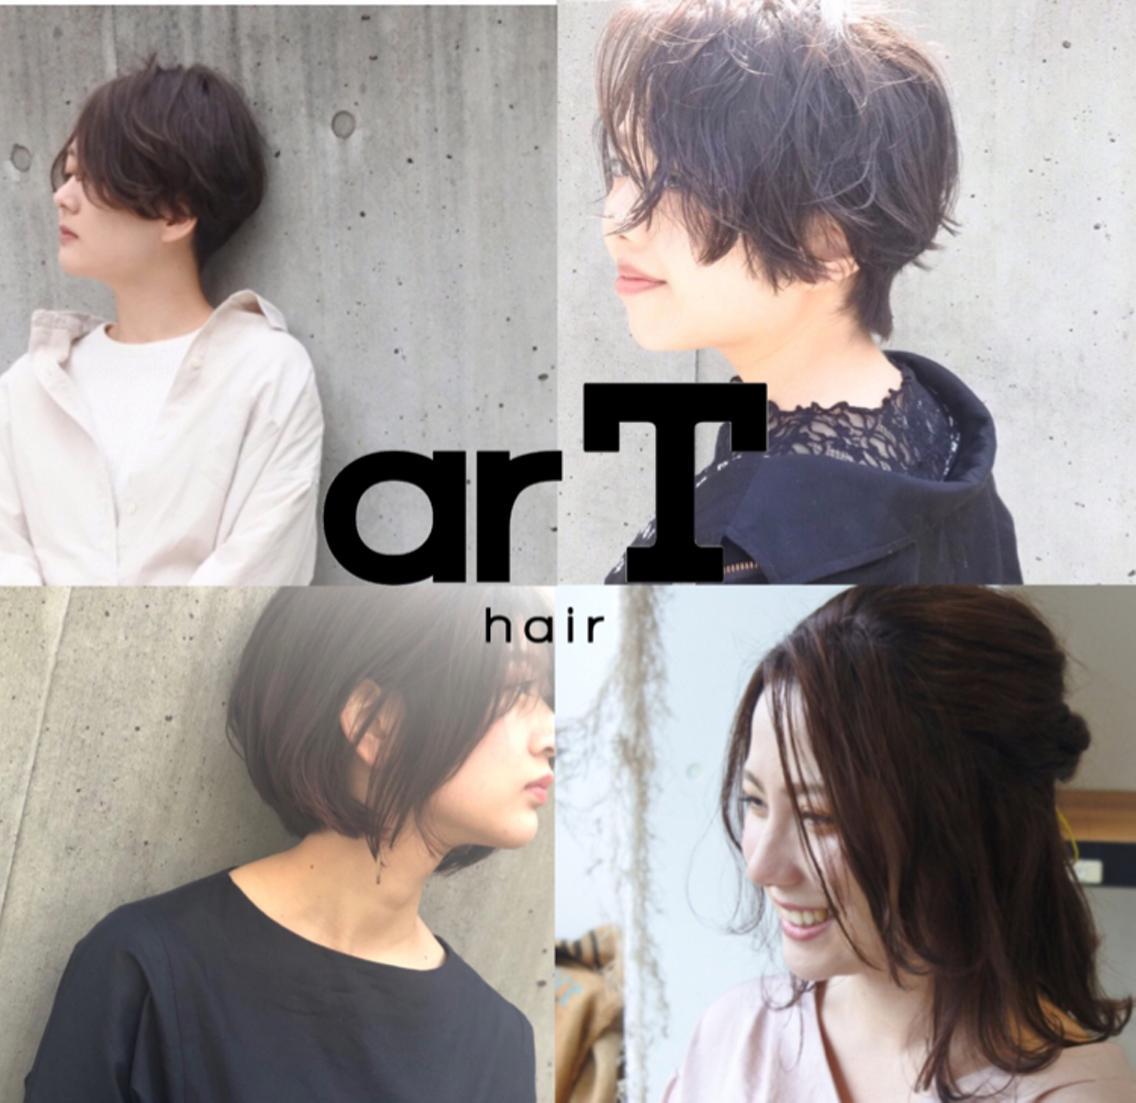 arT hair所属・島鼻まどかの掲載